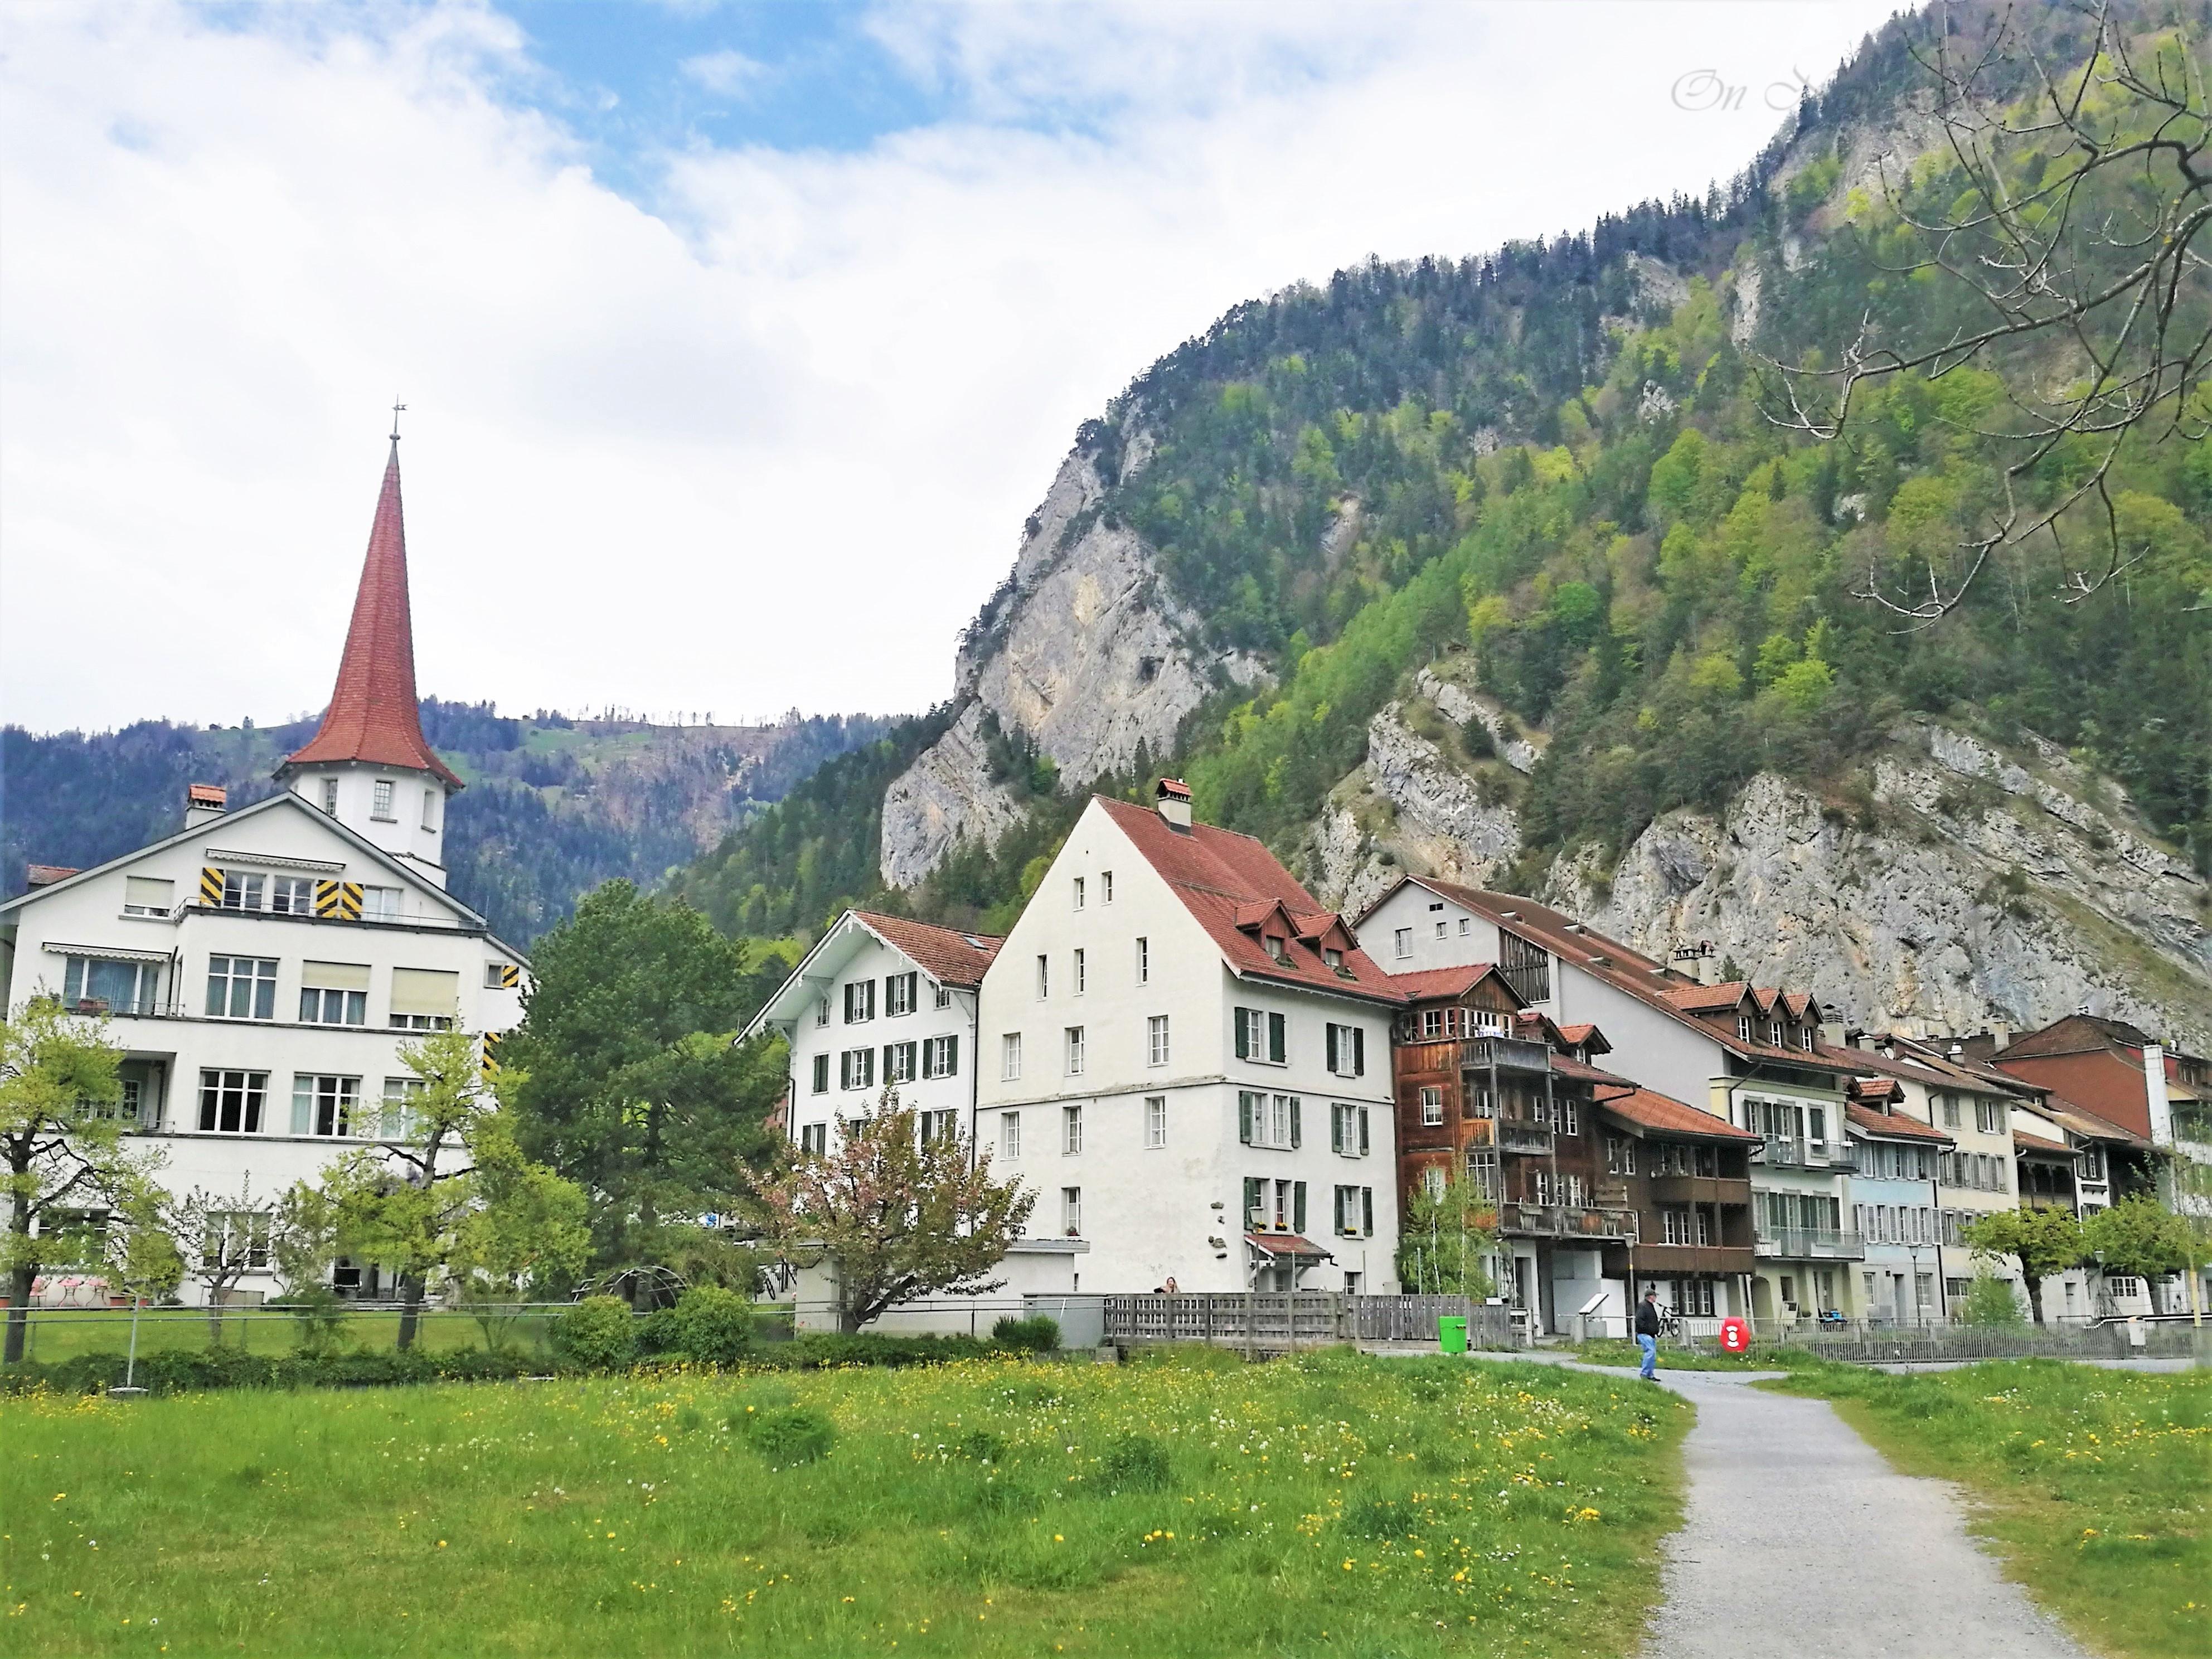 Unterseen-Switzerland